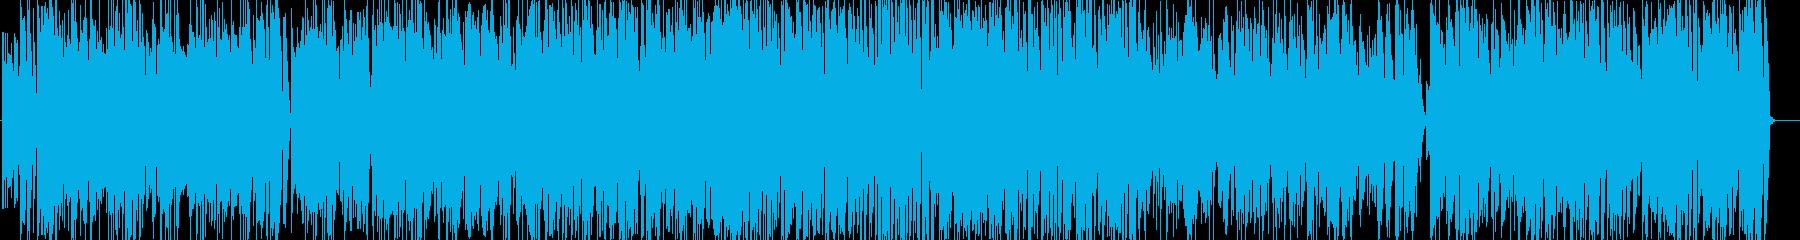 一月一日のジャズピアノトリオの再生済みの波形